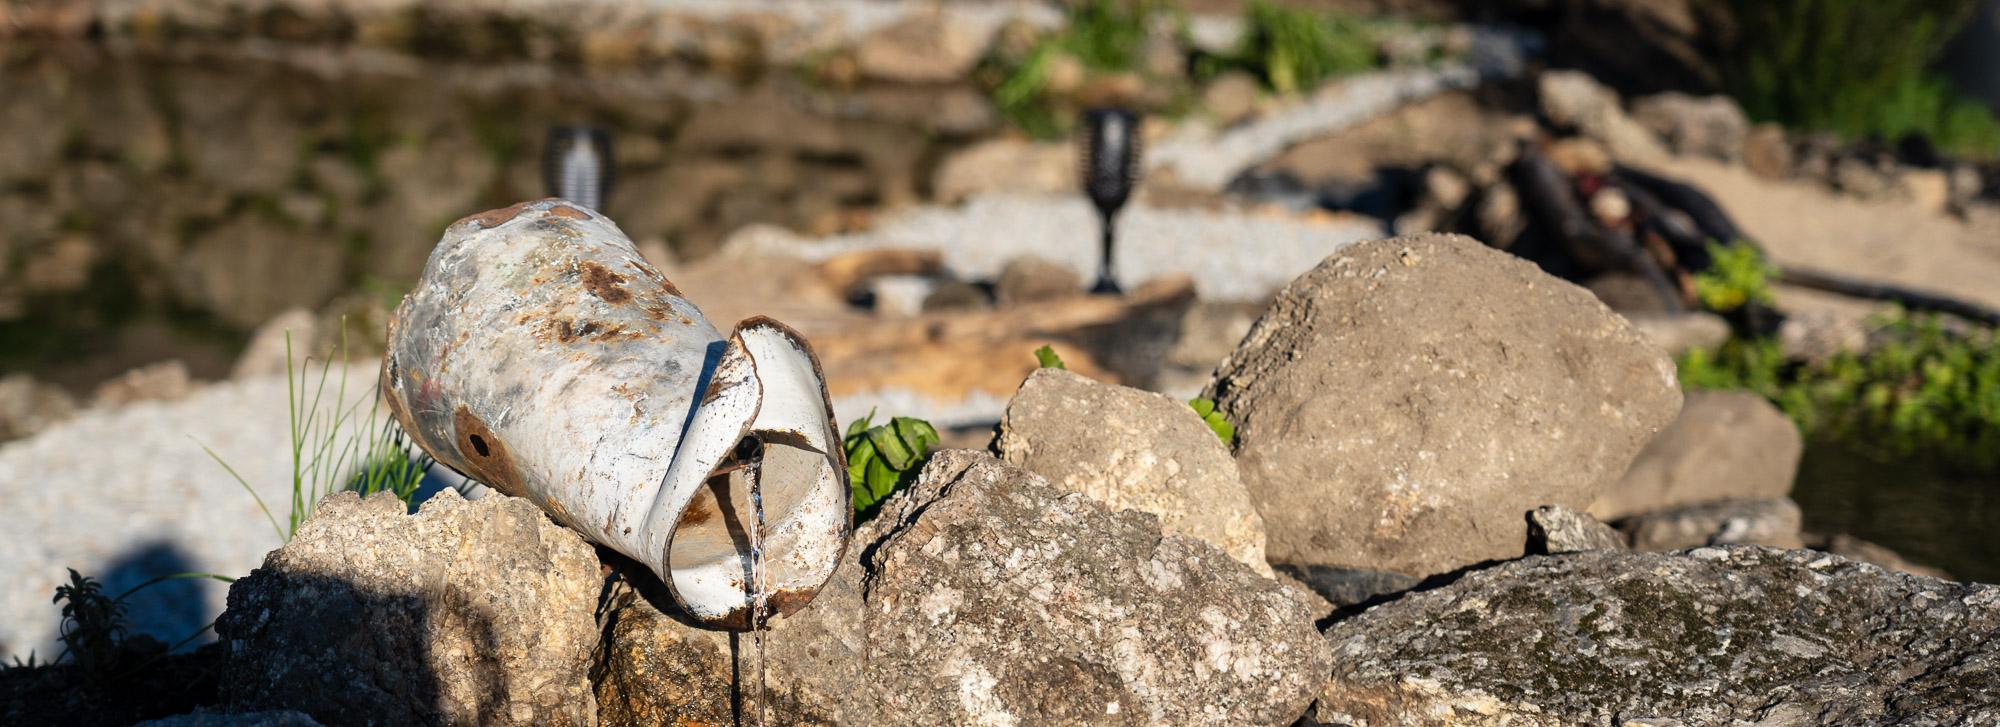 Quinta Prazera | Wasserlandschaften und Dürre im März